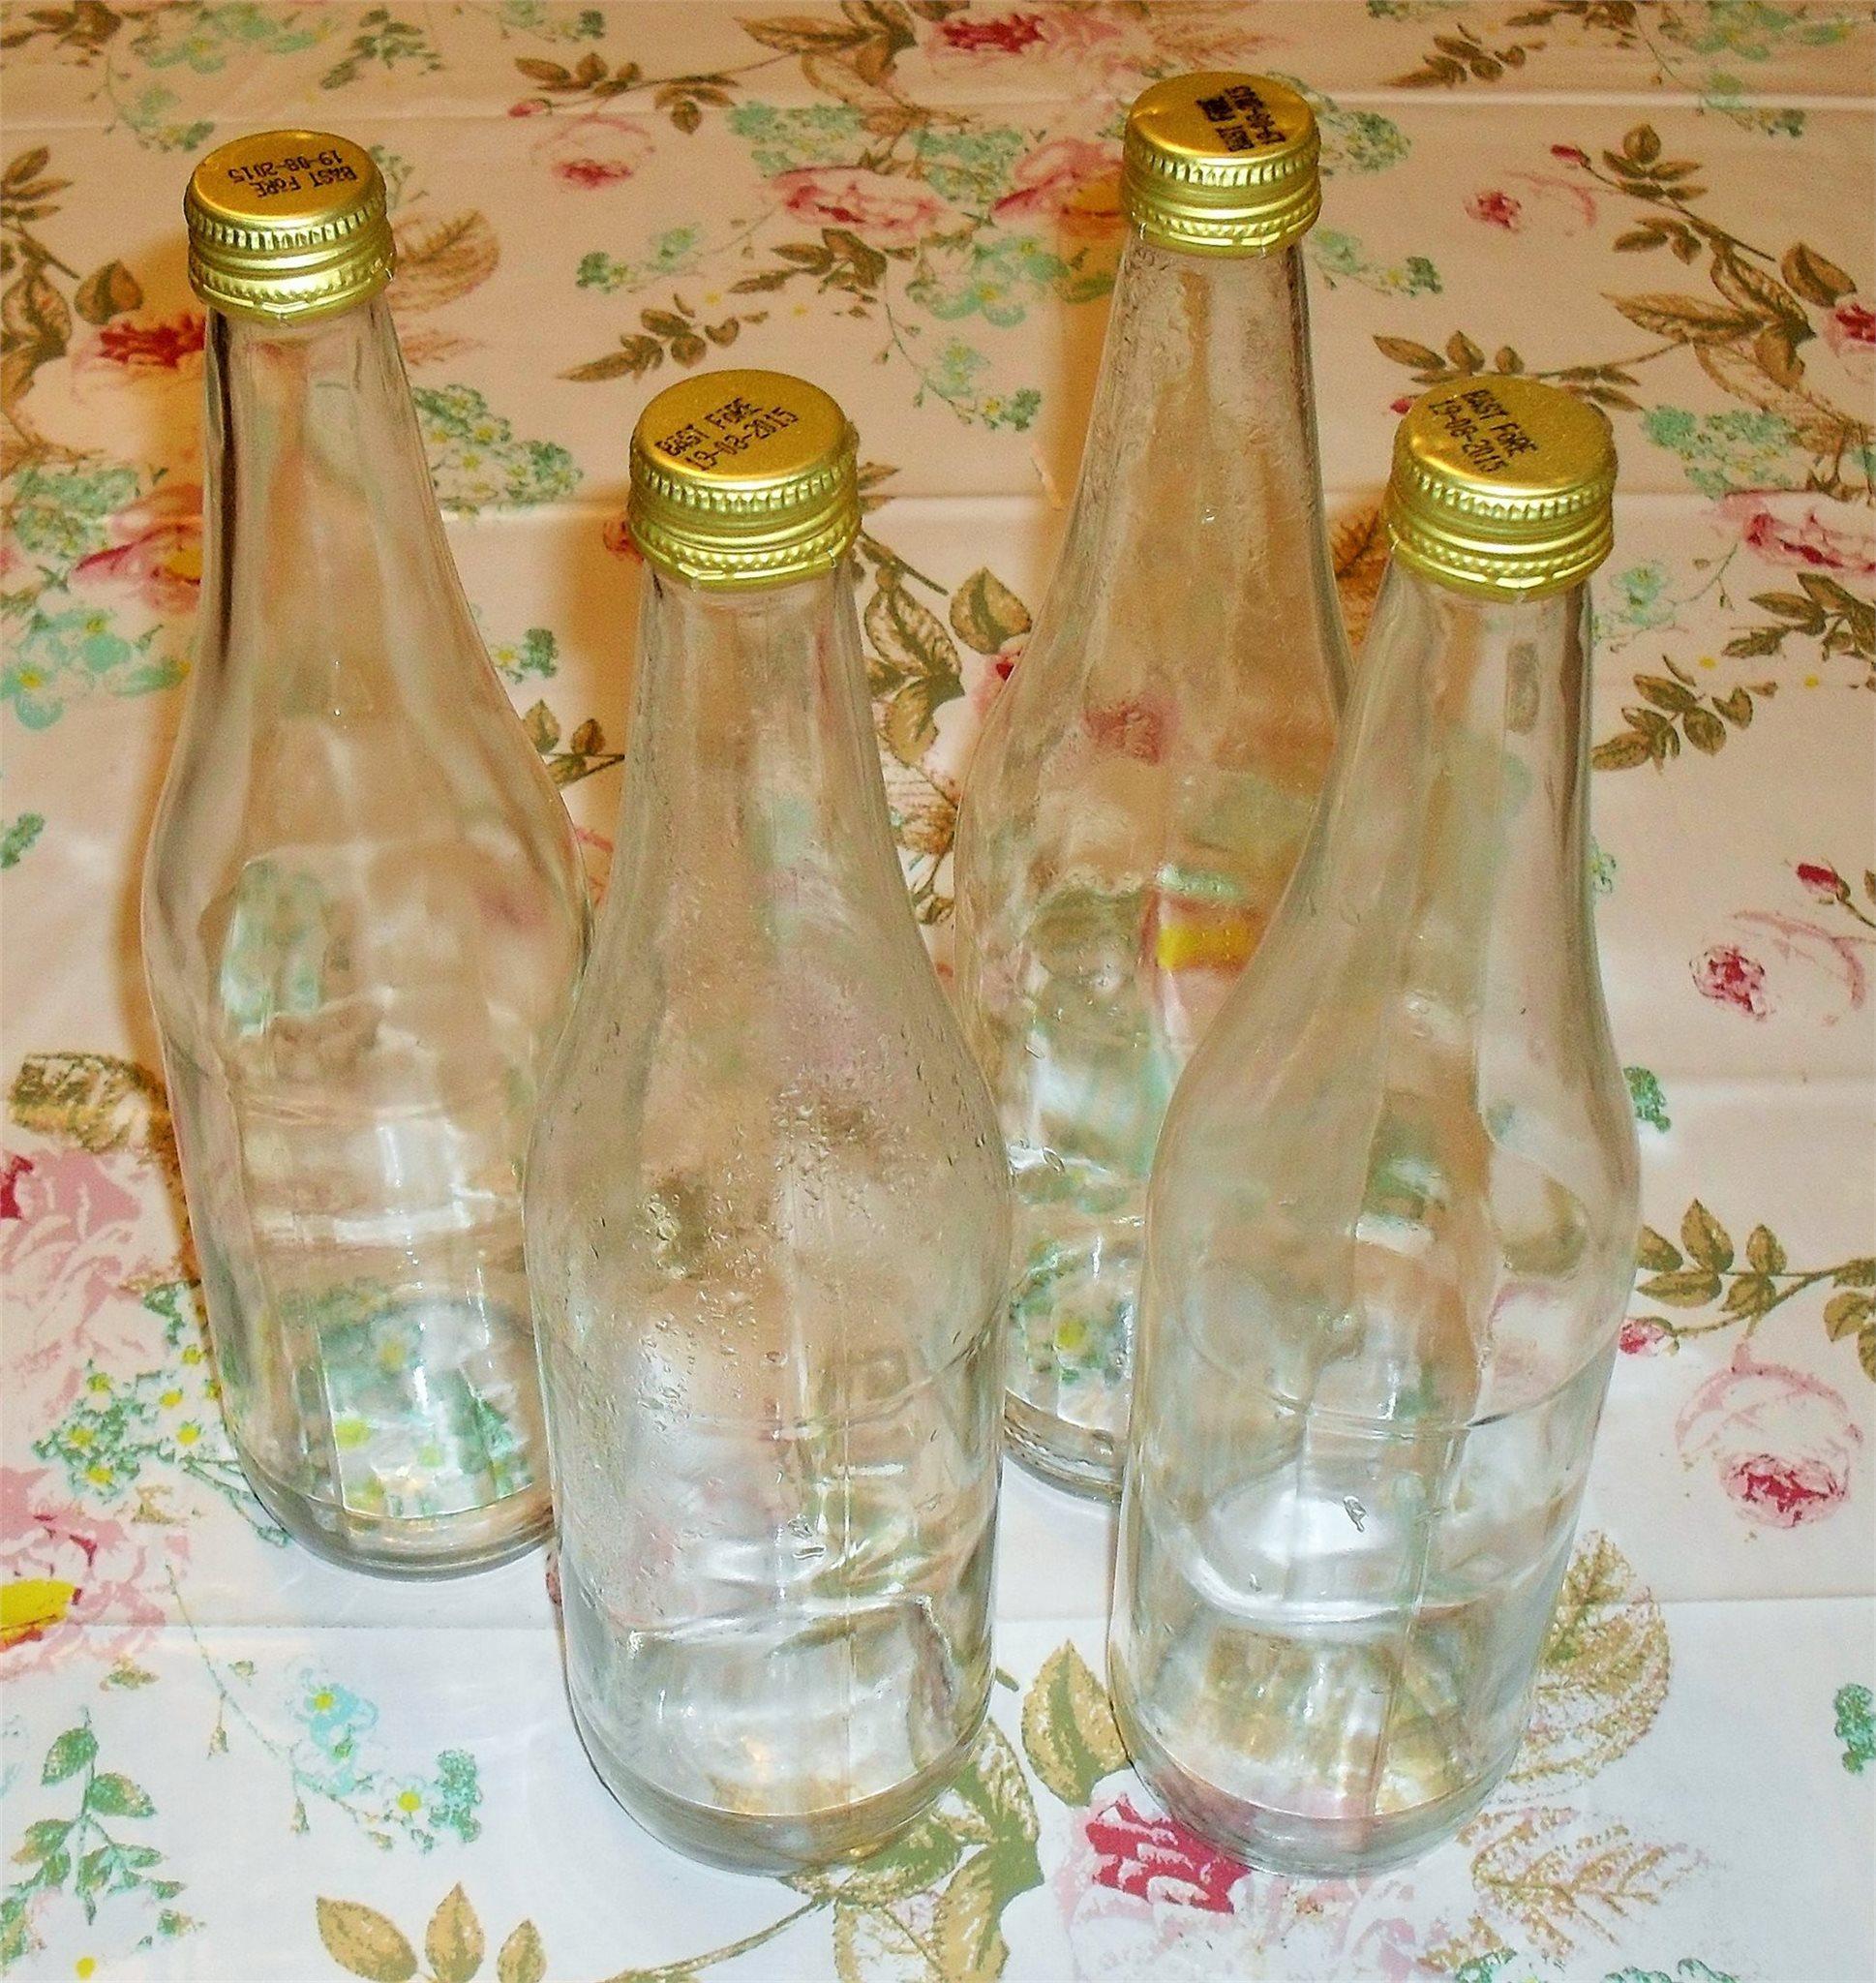 köpa glasflaskor till saft